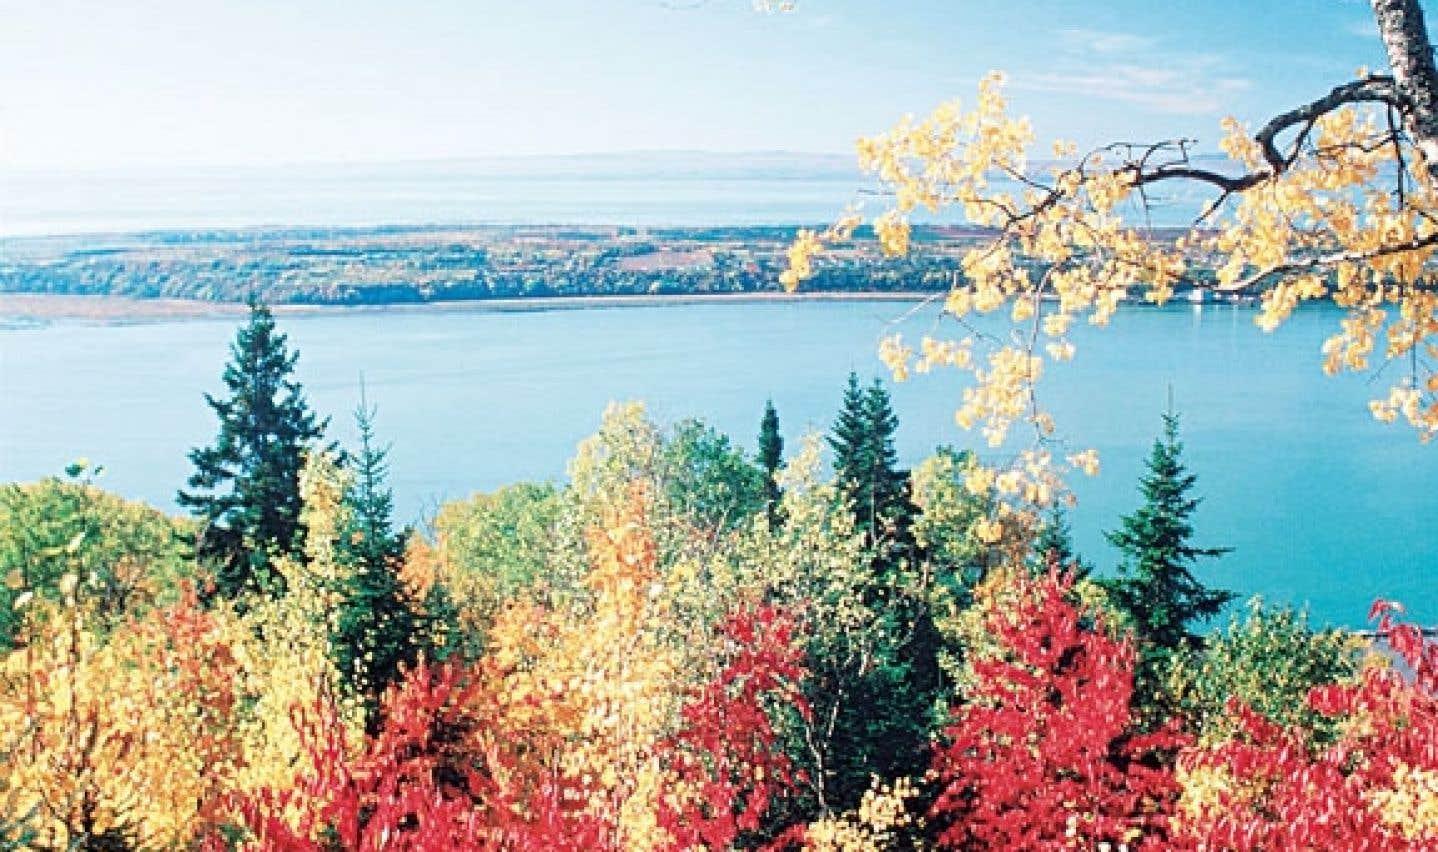 La région attire surtout les touristes grâce à ses paysages.